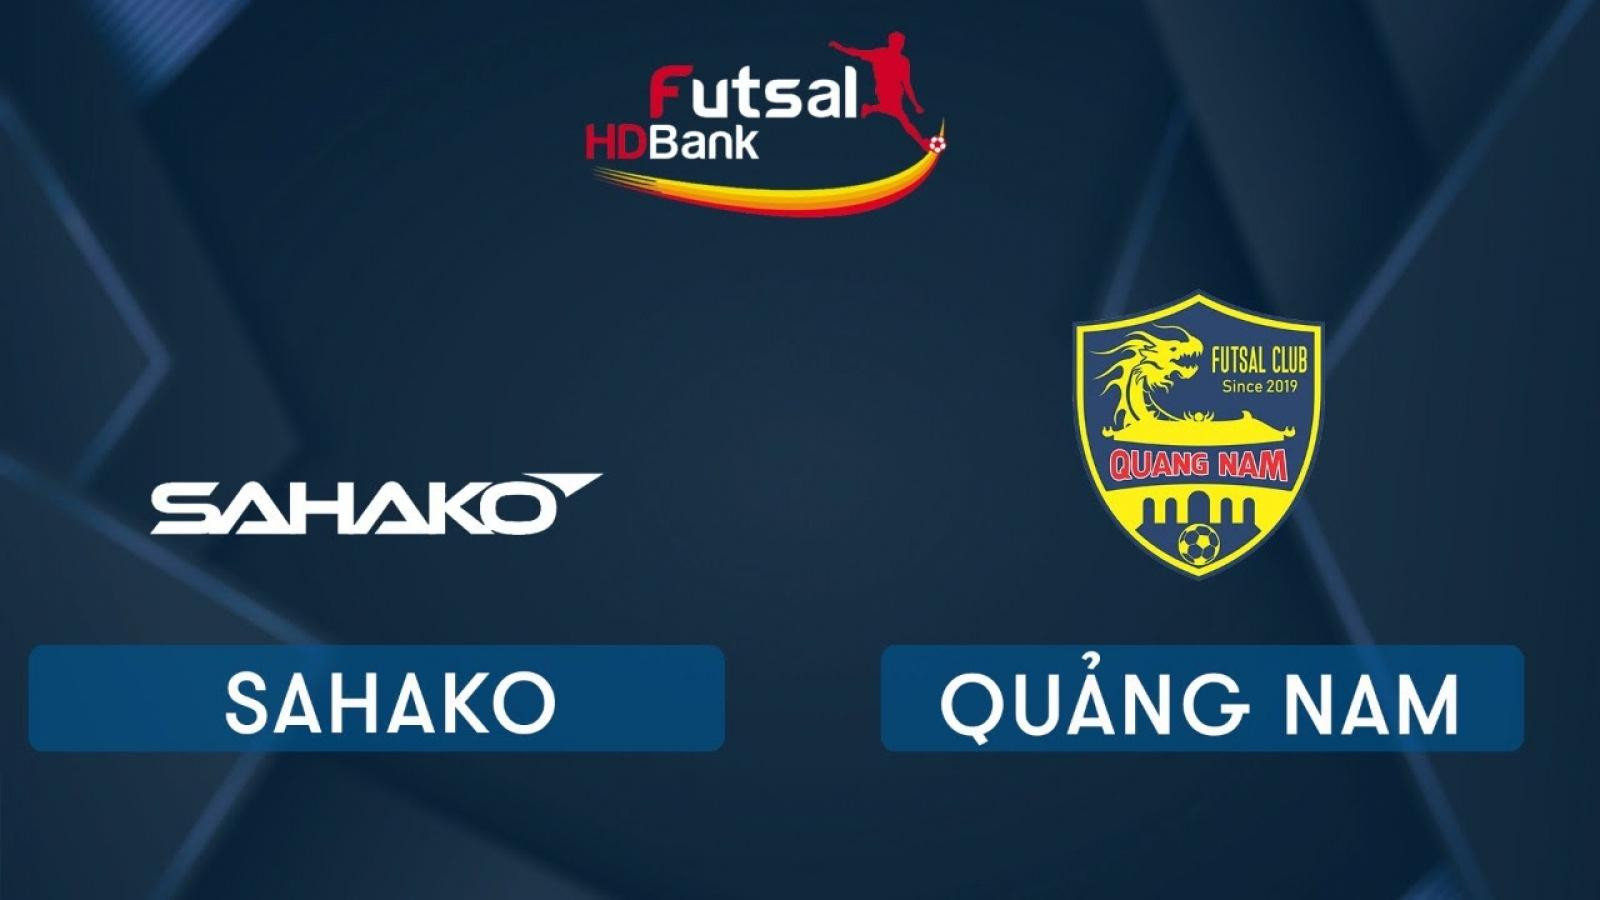 Xem trực tiếp Futsal HDBank VĐQG 2020: Quảng Nam - Sahako